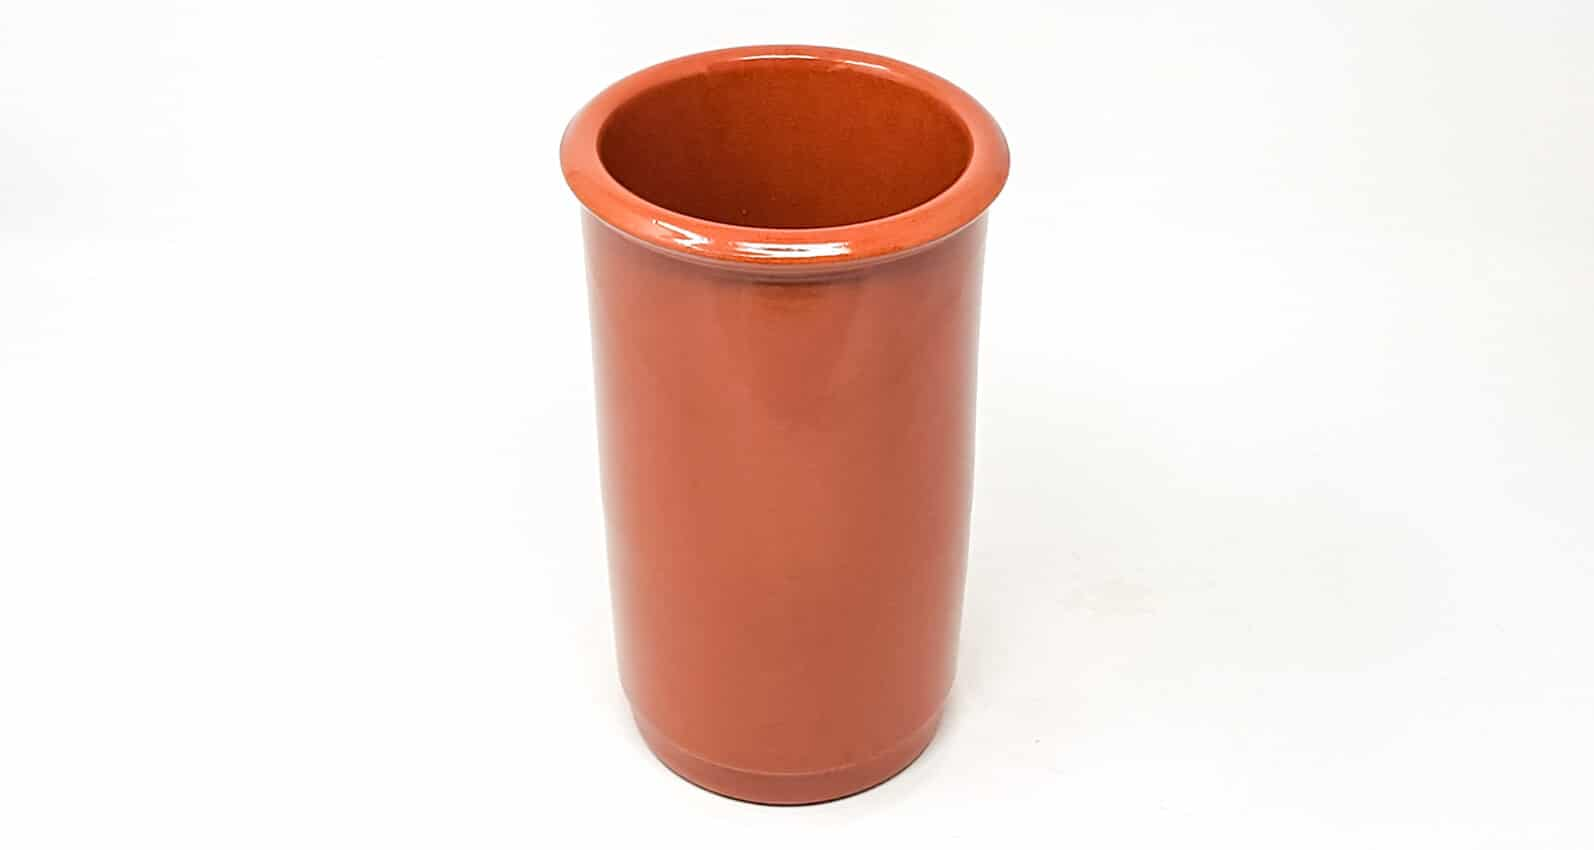 Verano-Spanish-Ceramics-El-Toro-Wine-Cooler-2